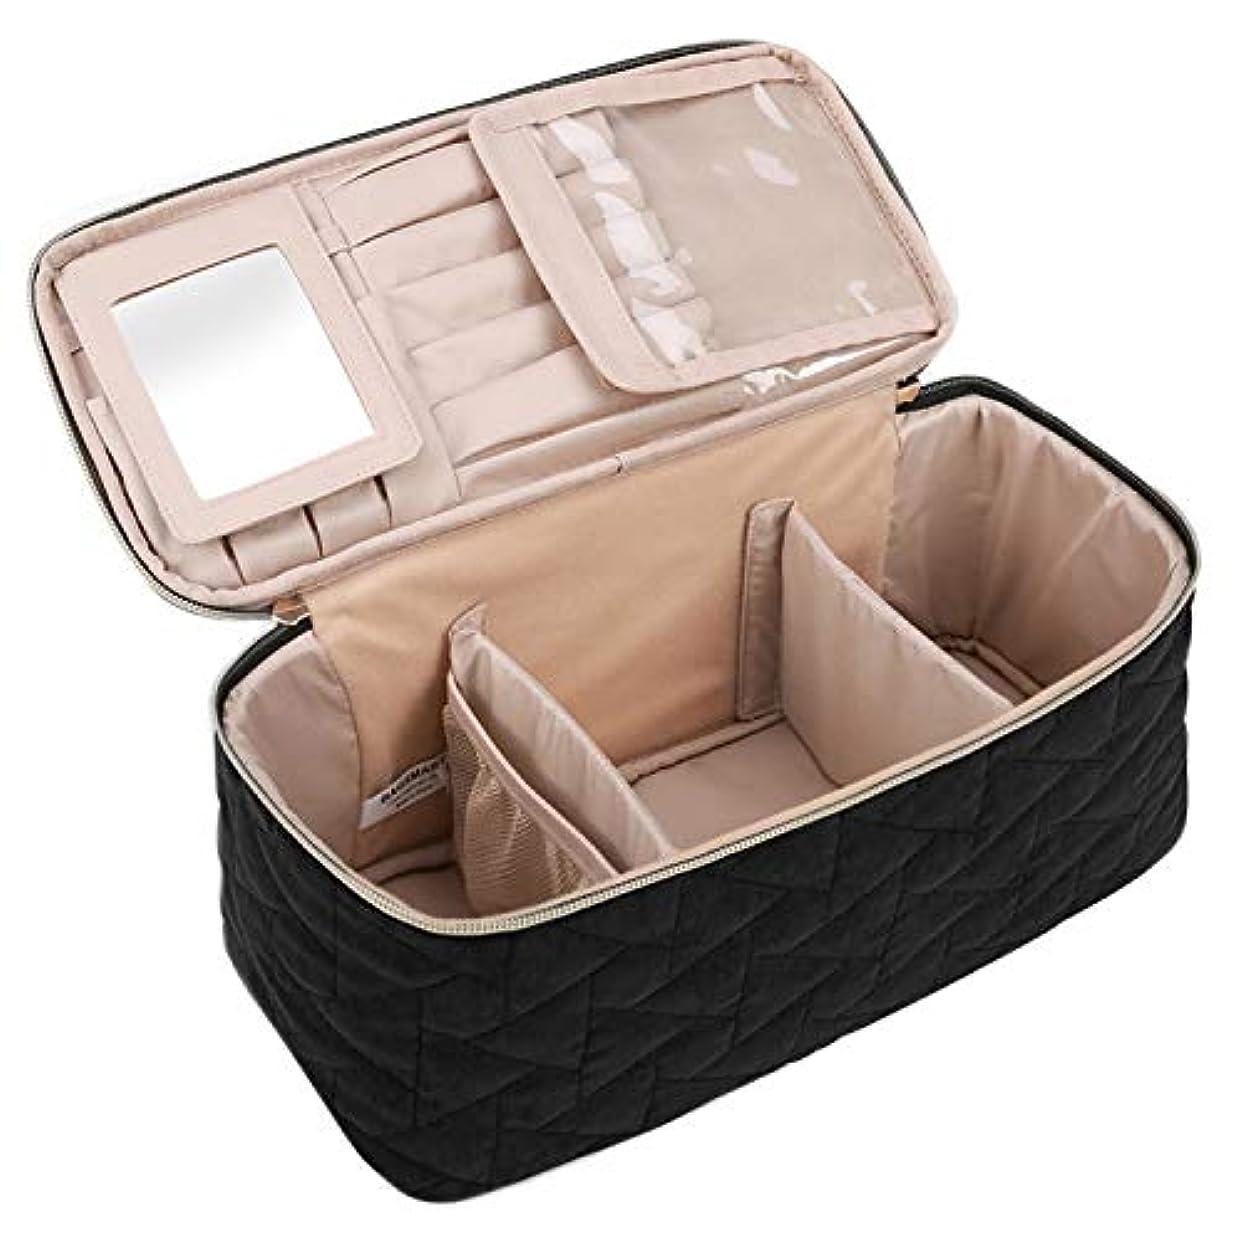 五十状態肌(バッグスマート) BAGSMARTメイクボックス コスメボックス 化粧ポーチ メイクブラシバッグ 収納ケース 機能的 大容量